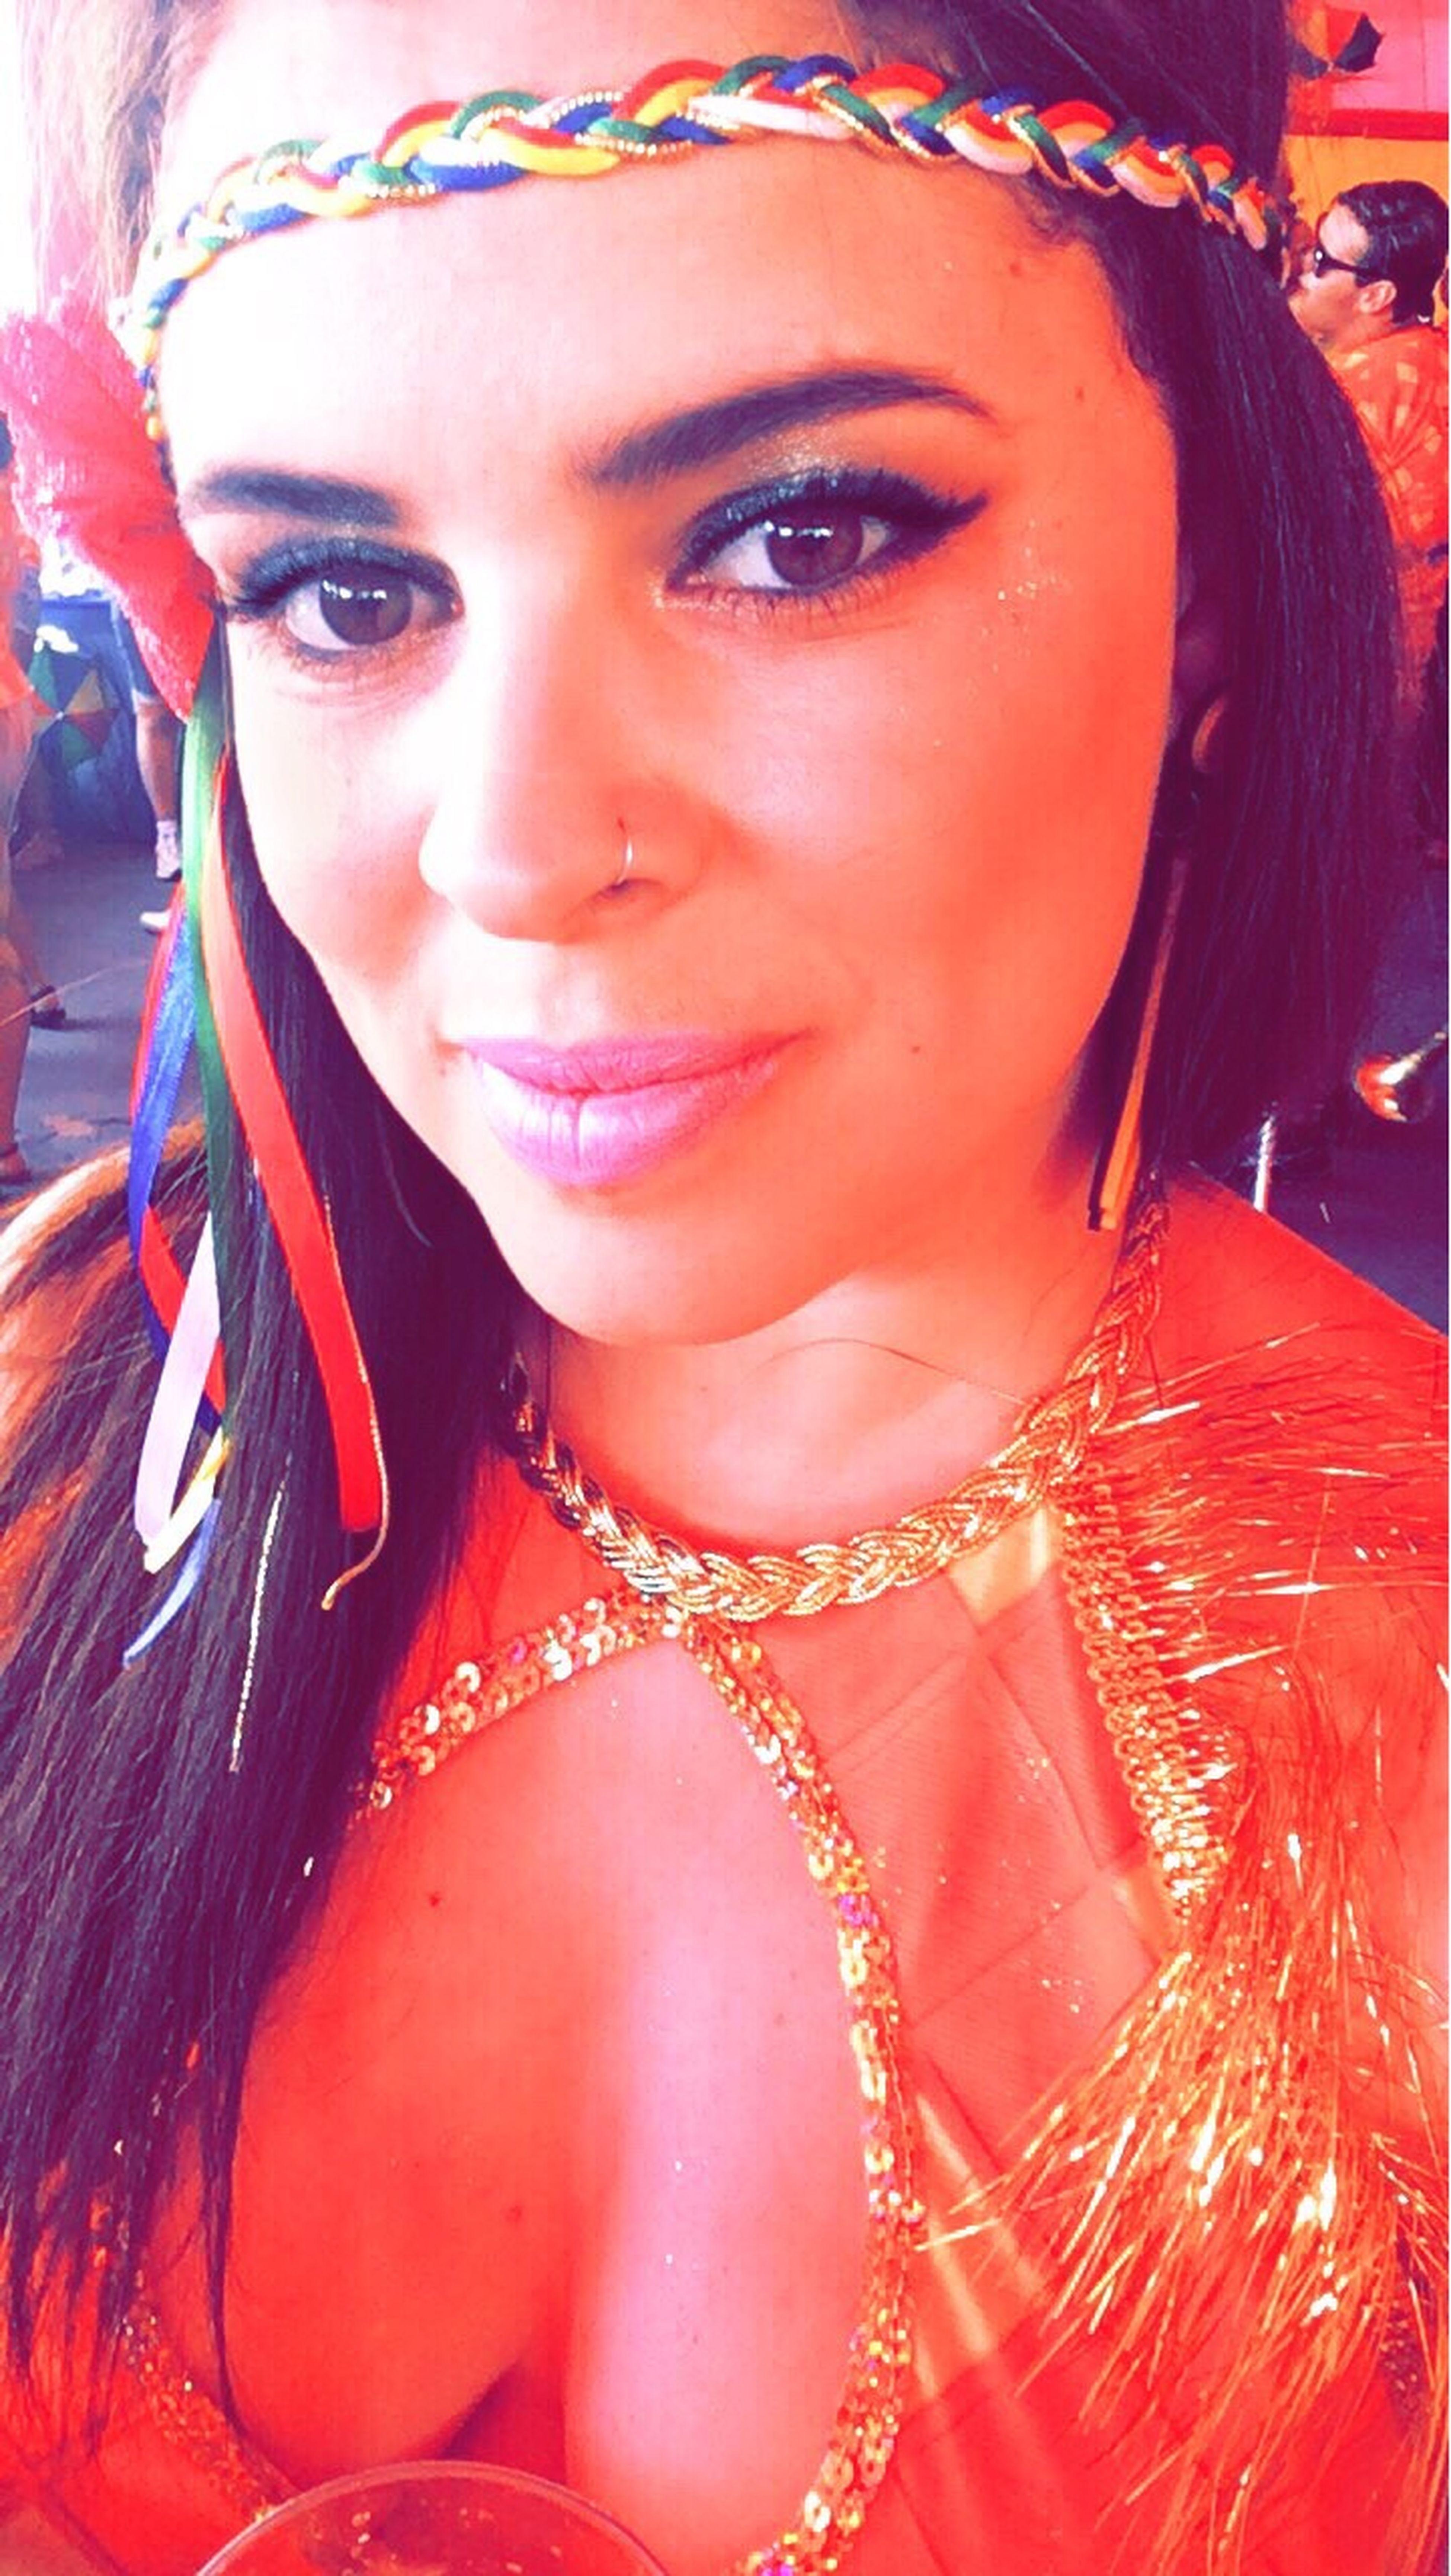 Carnaval 2017 Carnaval Carnaval2017 CarnavalemRecife CarnavalnoNordeste Brazilian Braziliangirl Brazil